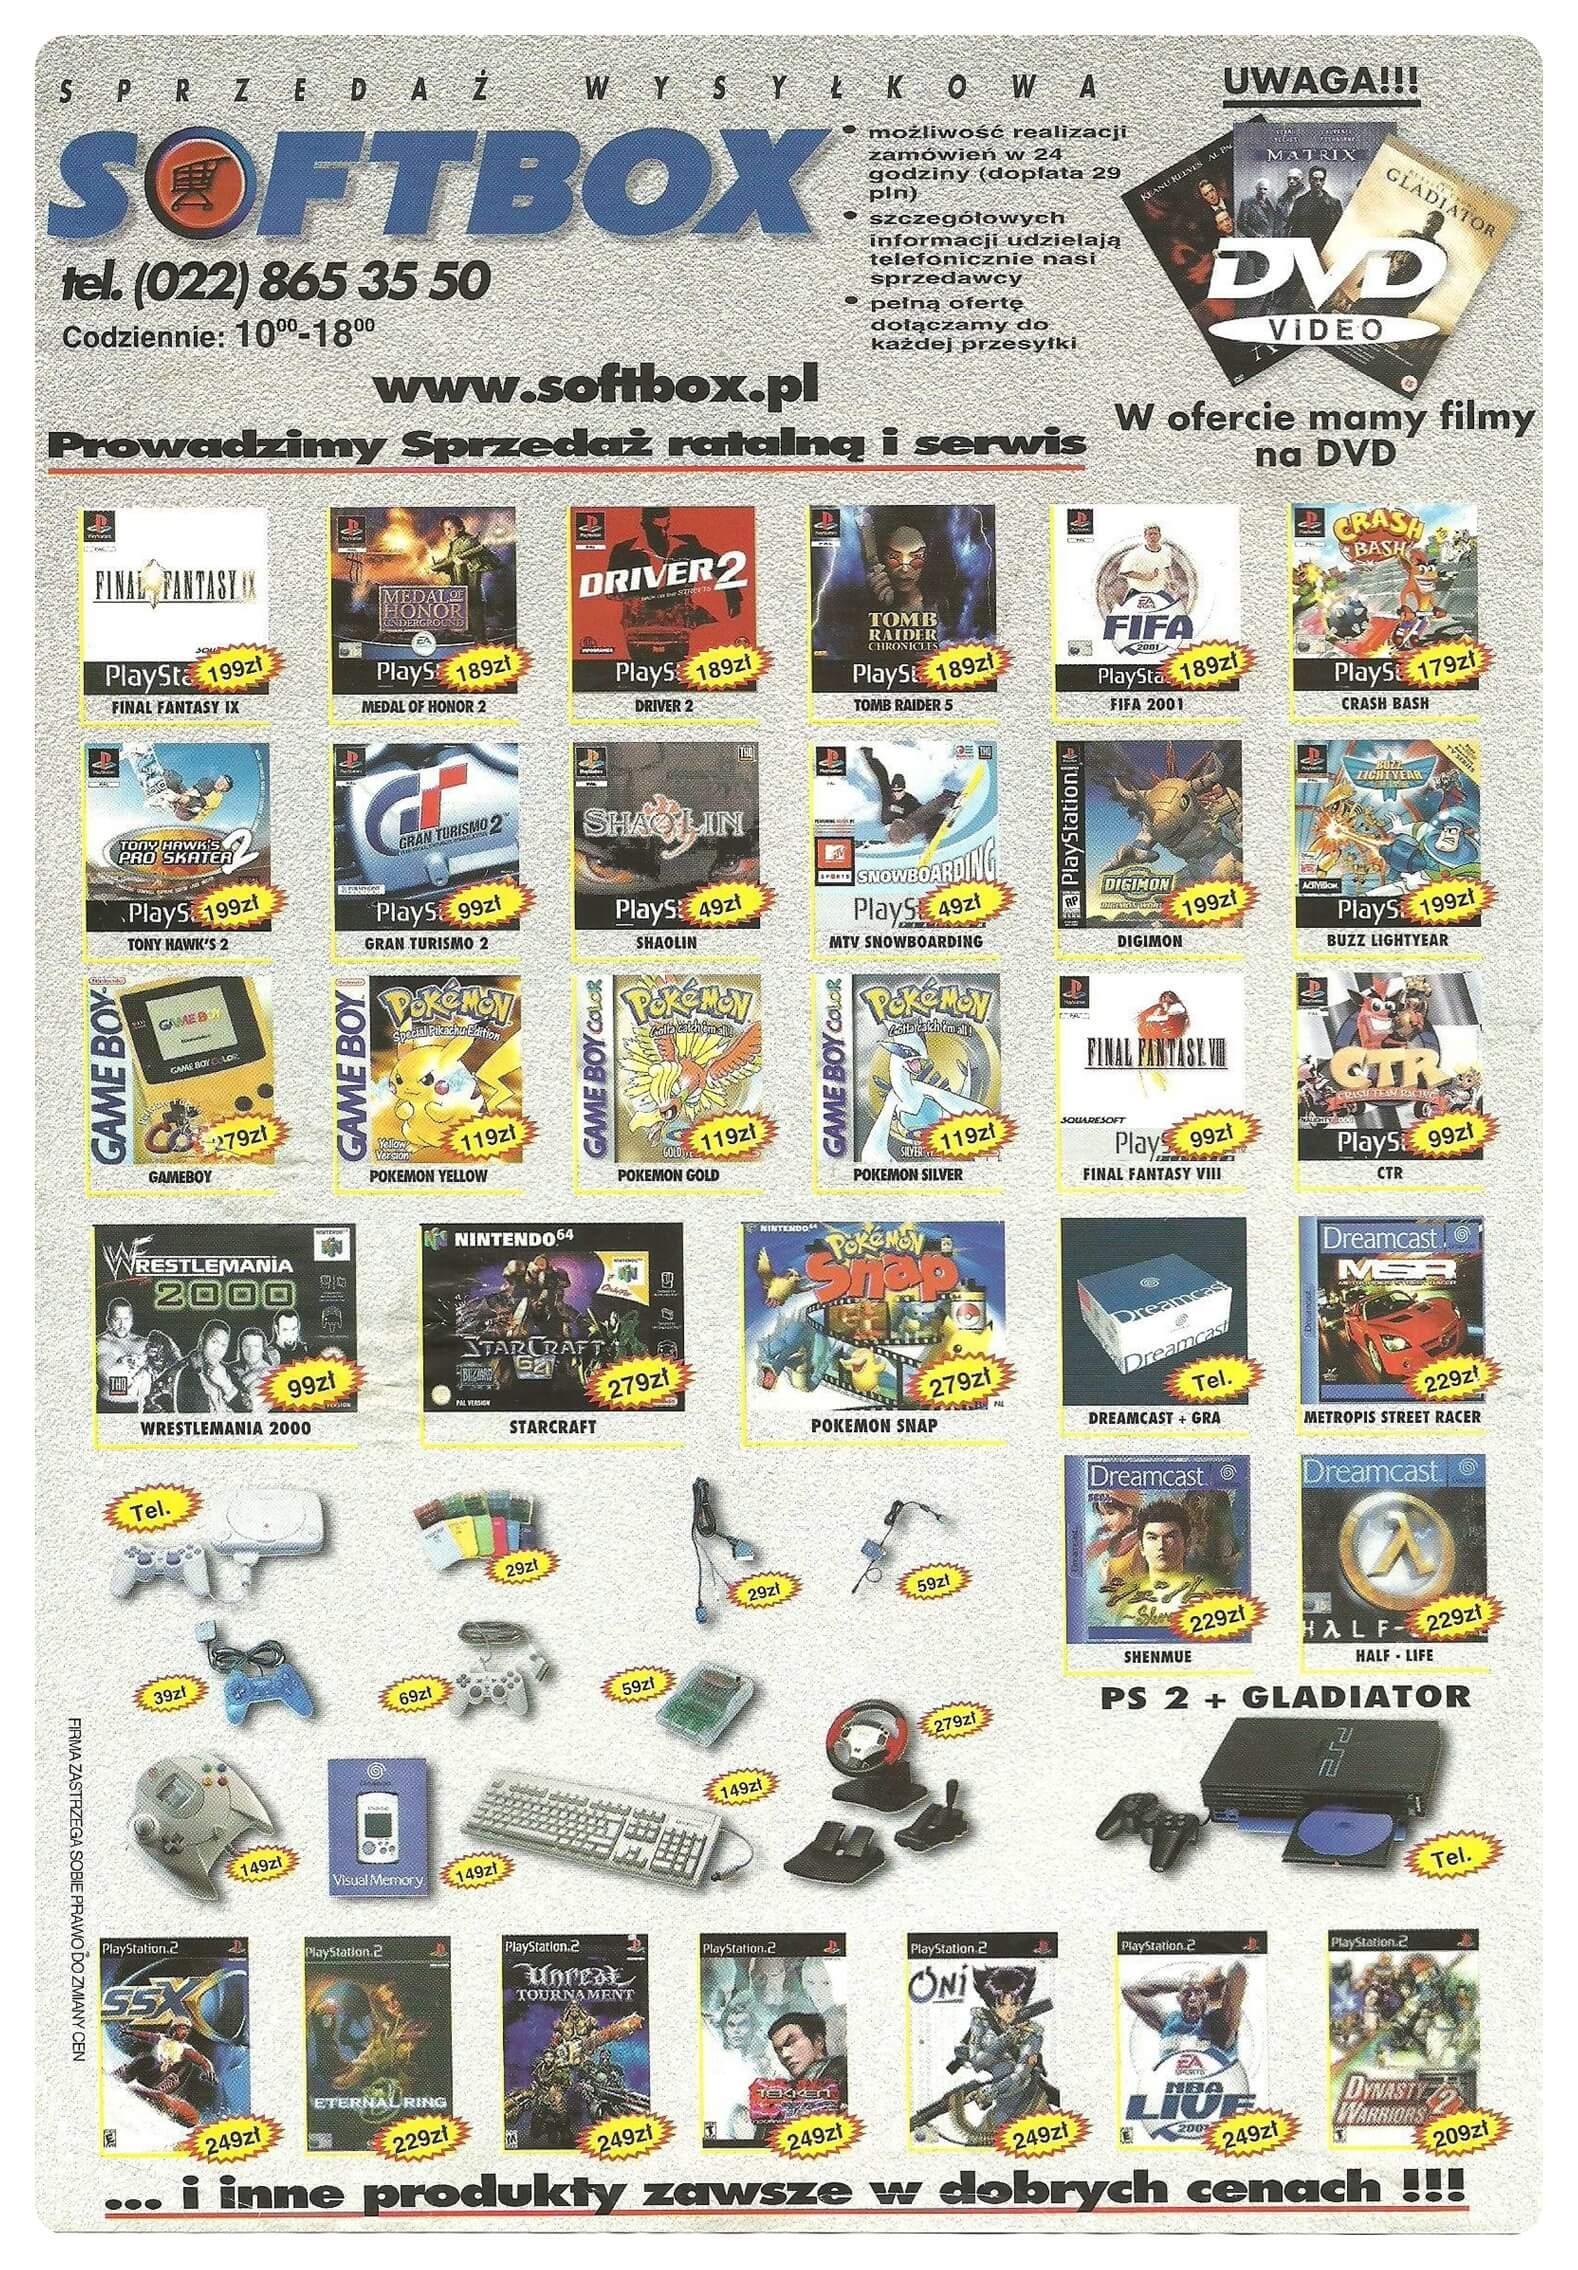 Neo Plus nr 030 20012q4 - Jak wyglądały ceny różnych konsol w Polsce w latach 1996-2006?